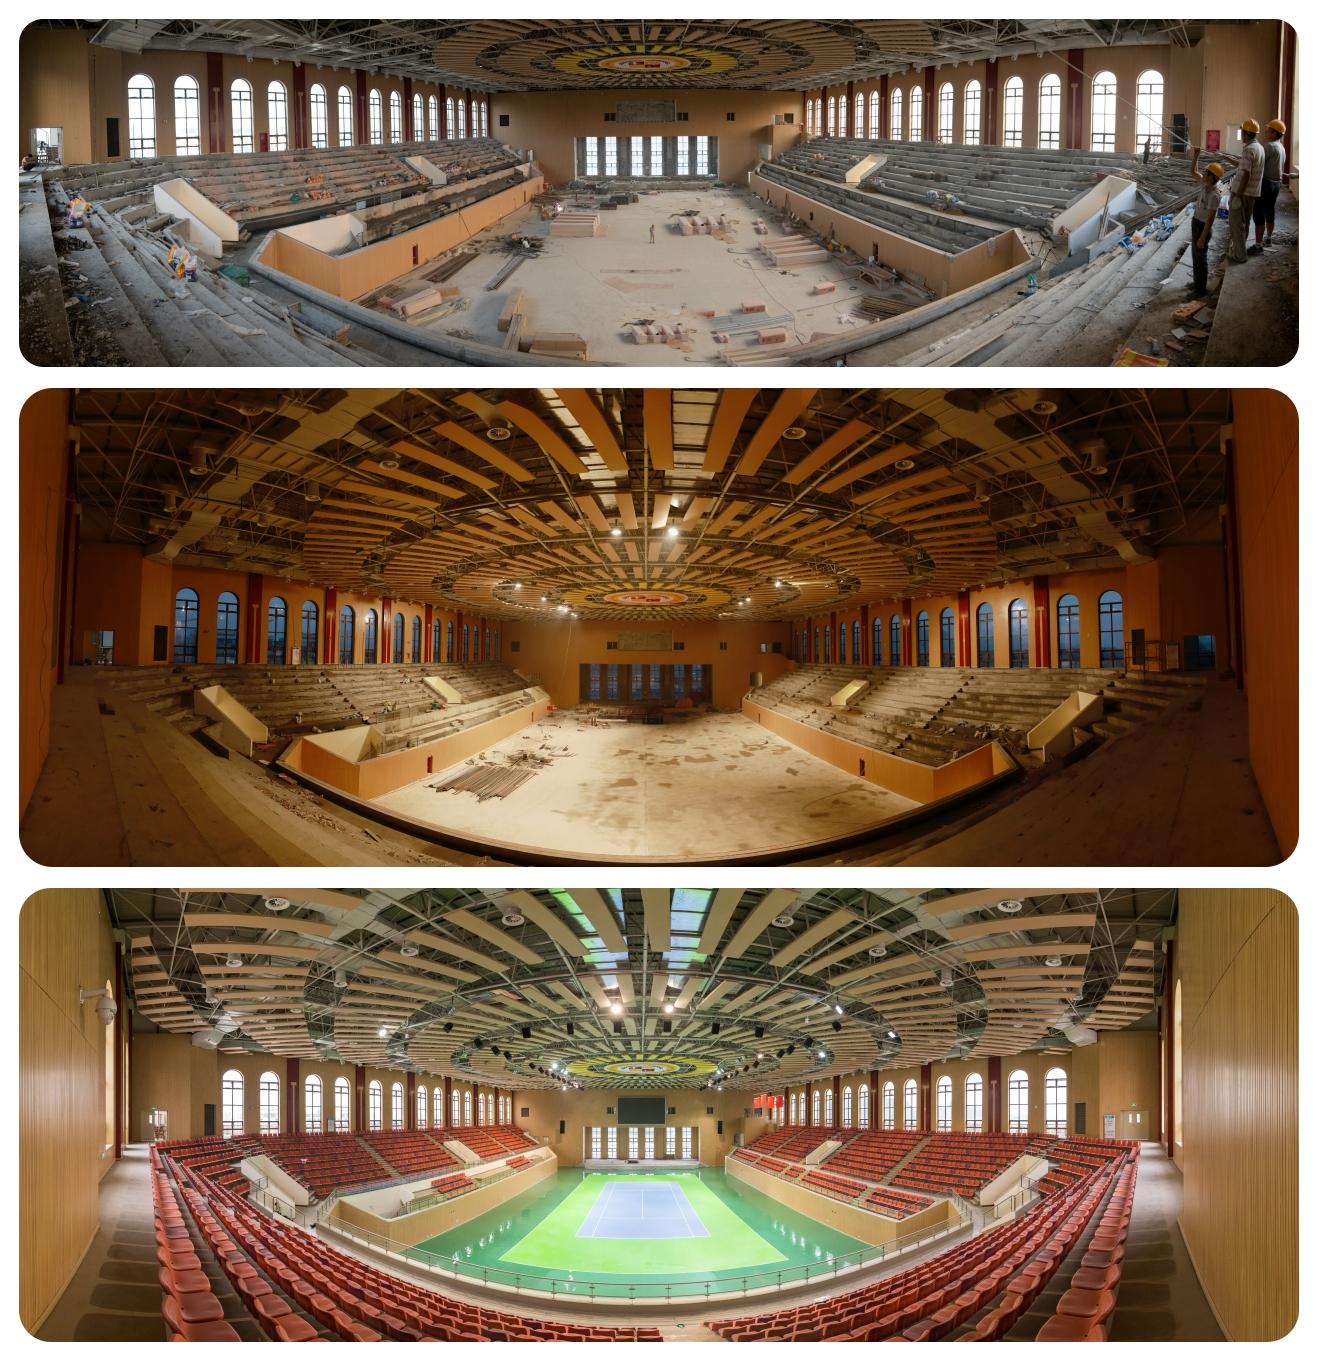 建造中的网球馆及最终效果_02.jpg